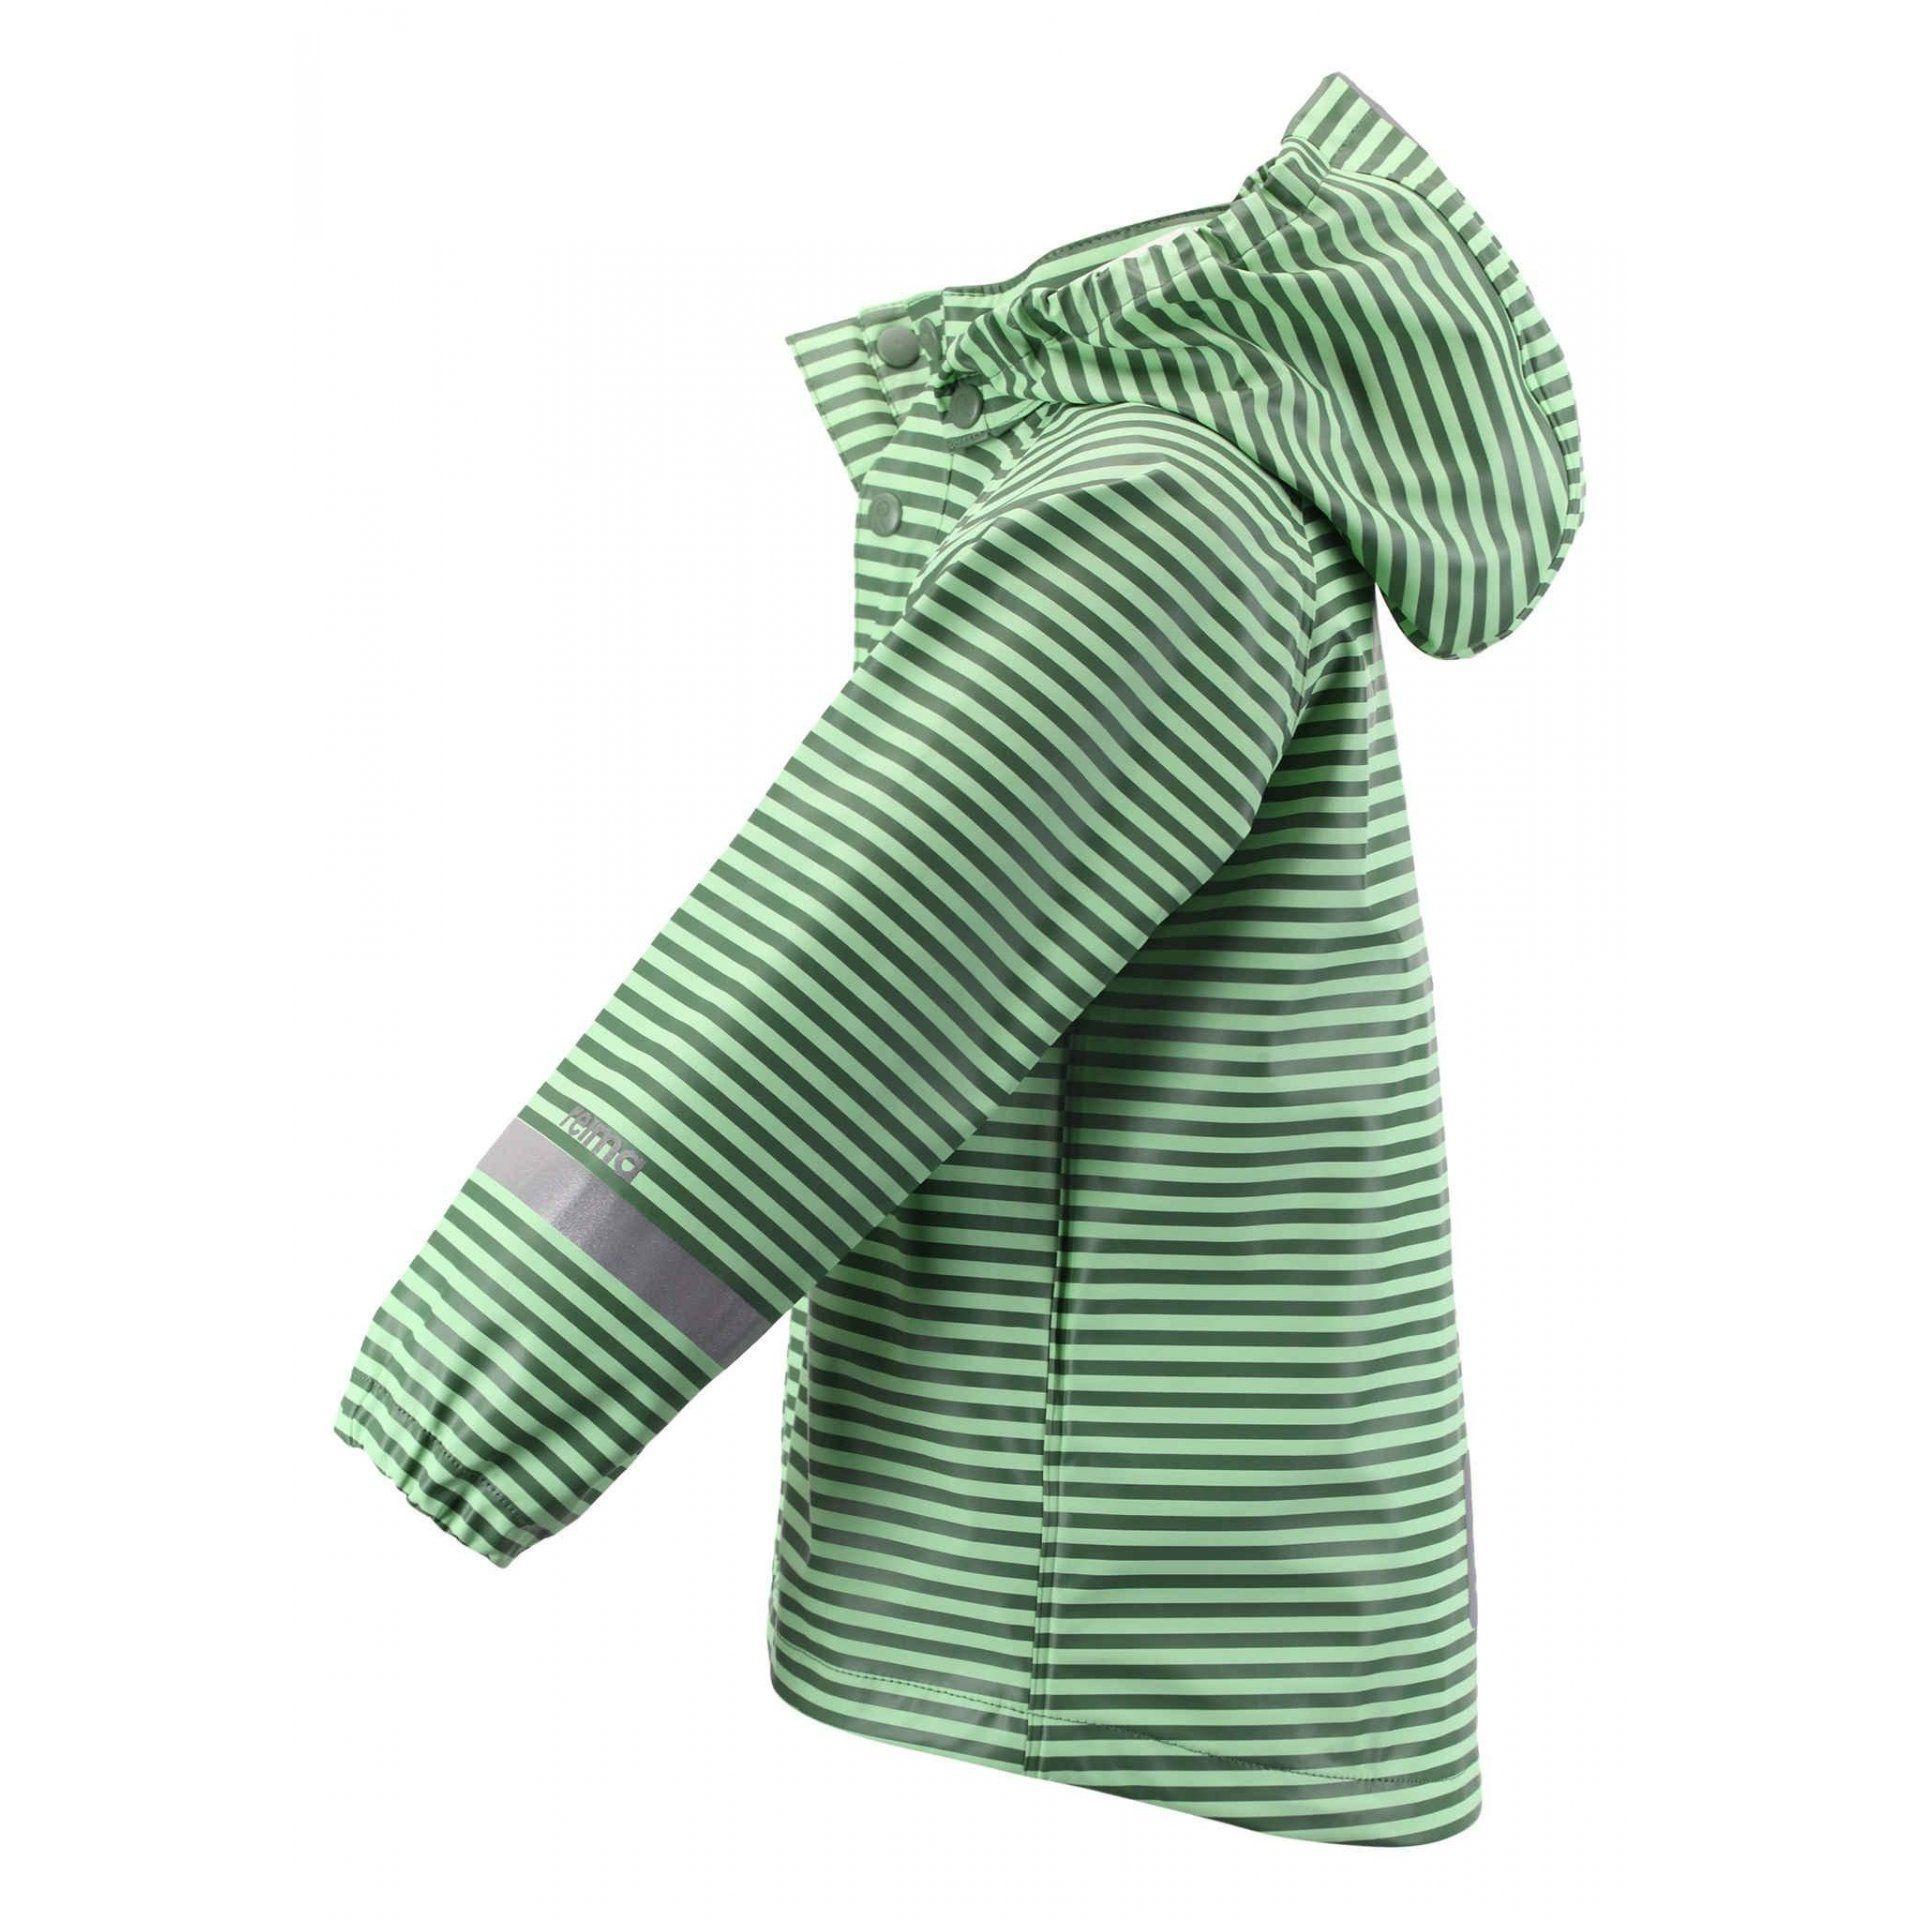 KURTKA REIMA VESI 521523-8902 FOREST GREEN BOK